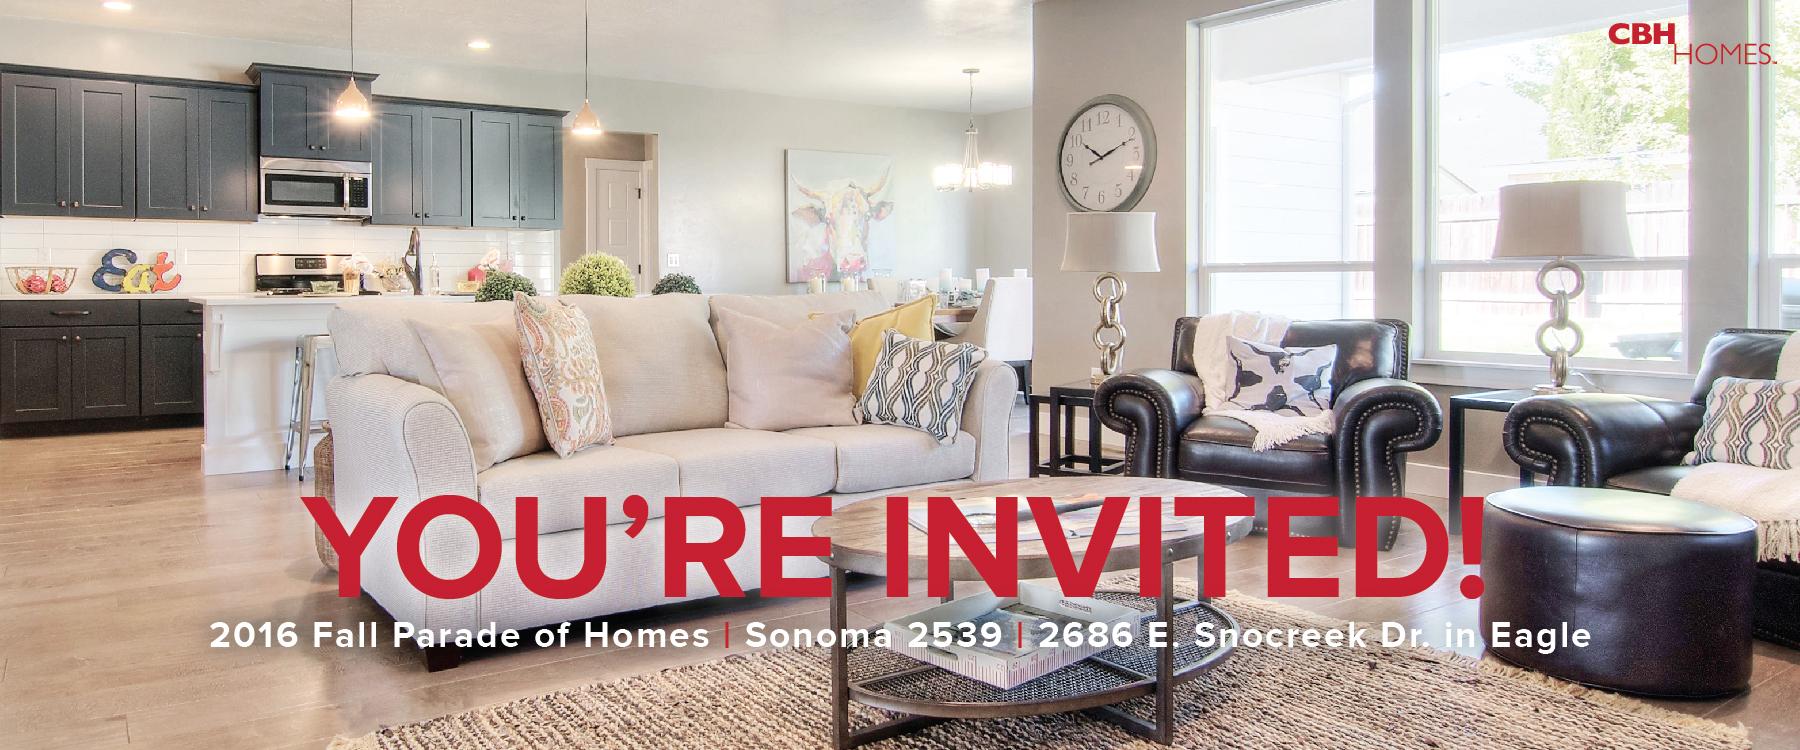 PARADE_FALL-2016-INVITE HEADER-01